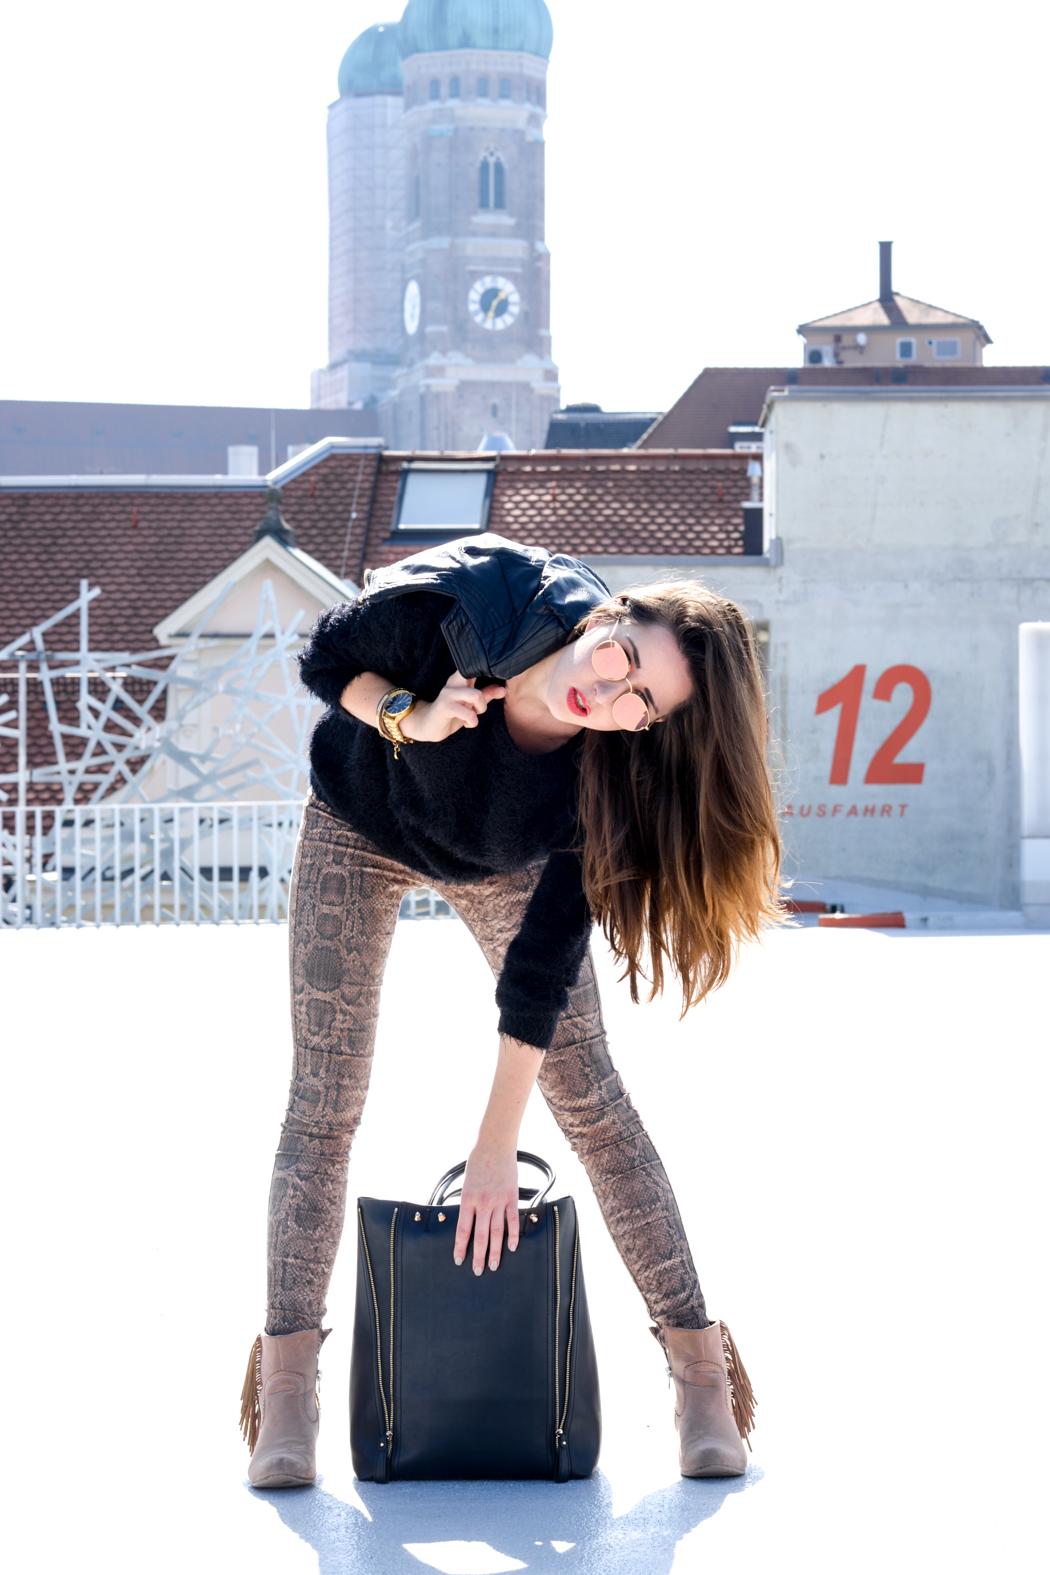 Schlangenpring-Leggins-Zara-Teddypulli-Nixon-Watch-Fashionblogger-München-7